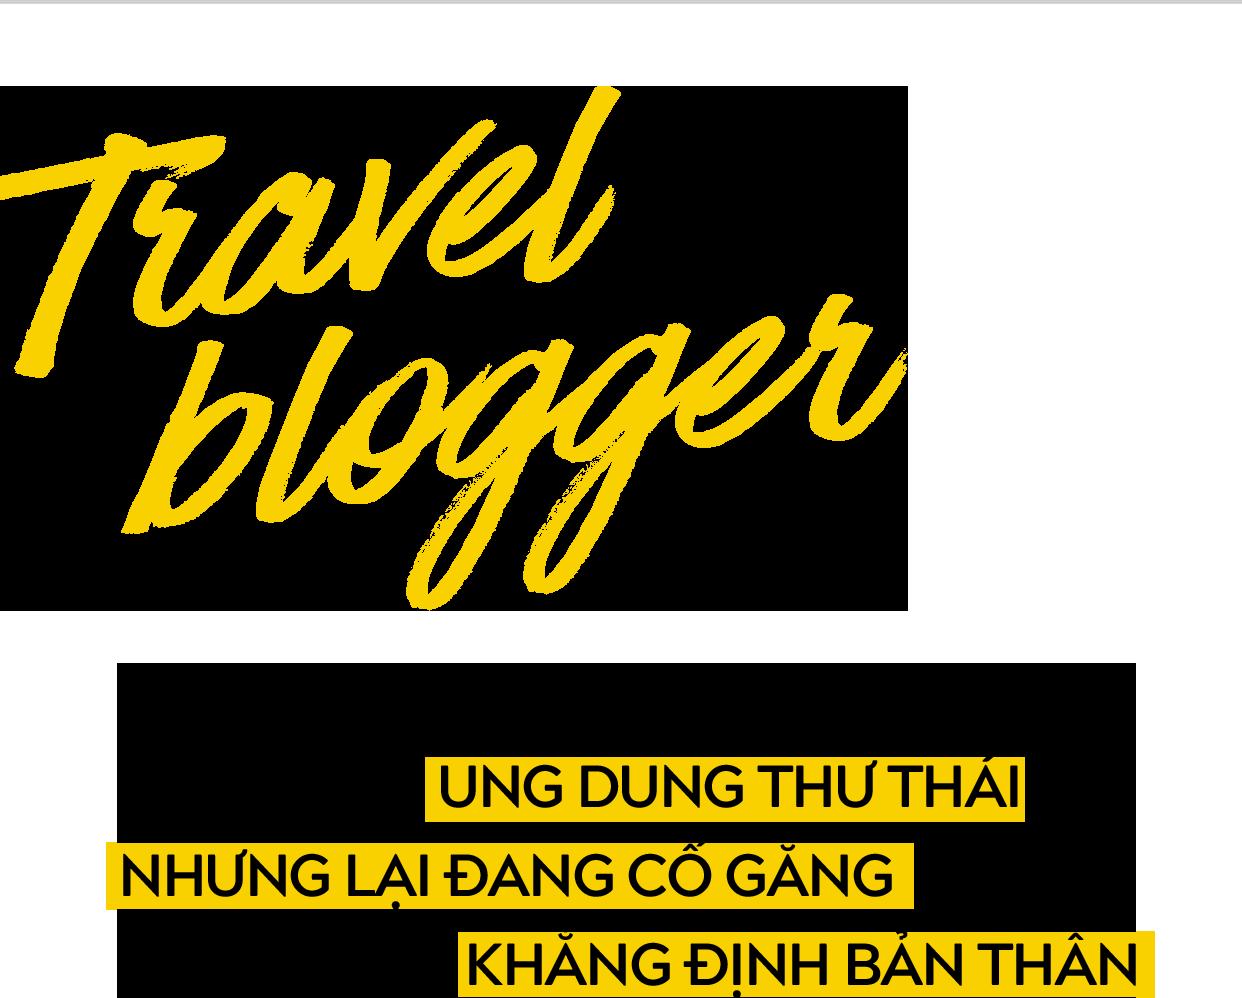 Travel blogger thế hệ 2.0: Chưa bao giờ người trẻ Việt đi nhiều và chất như vậy! - Ảnh 6.